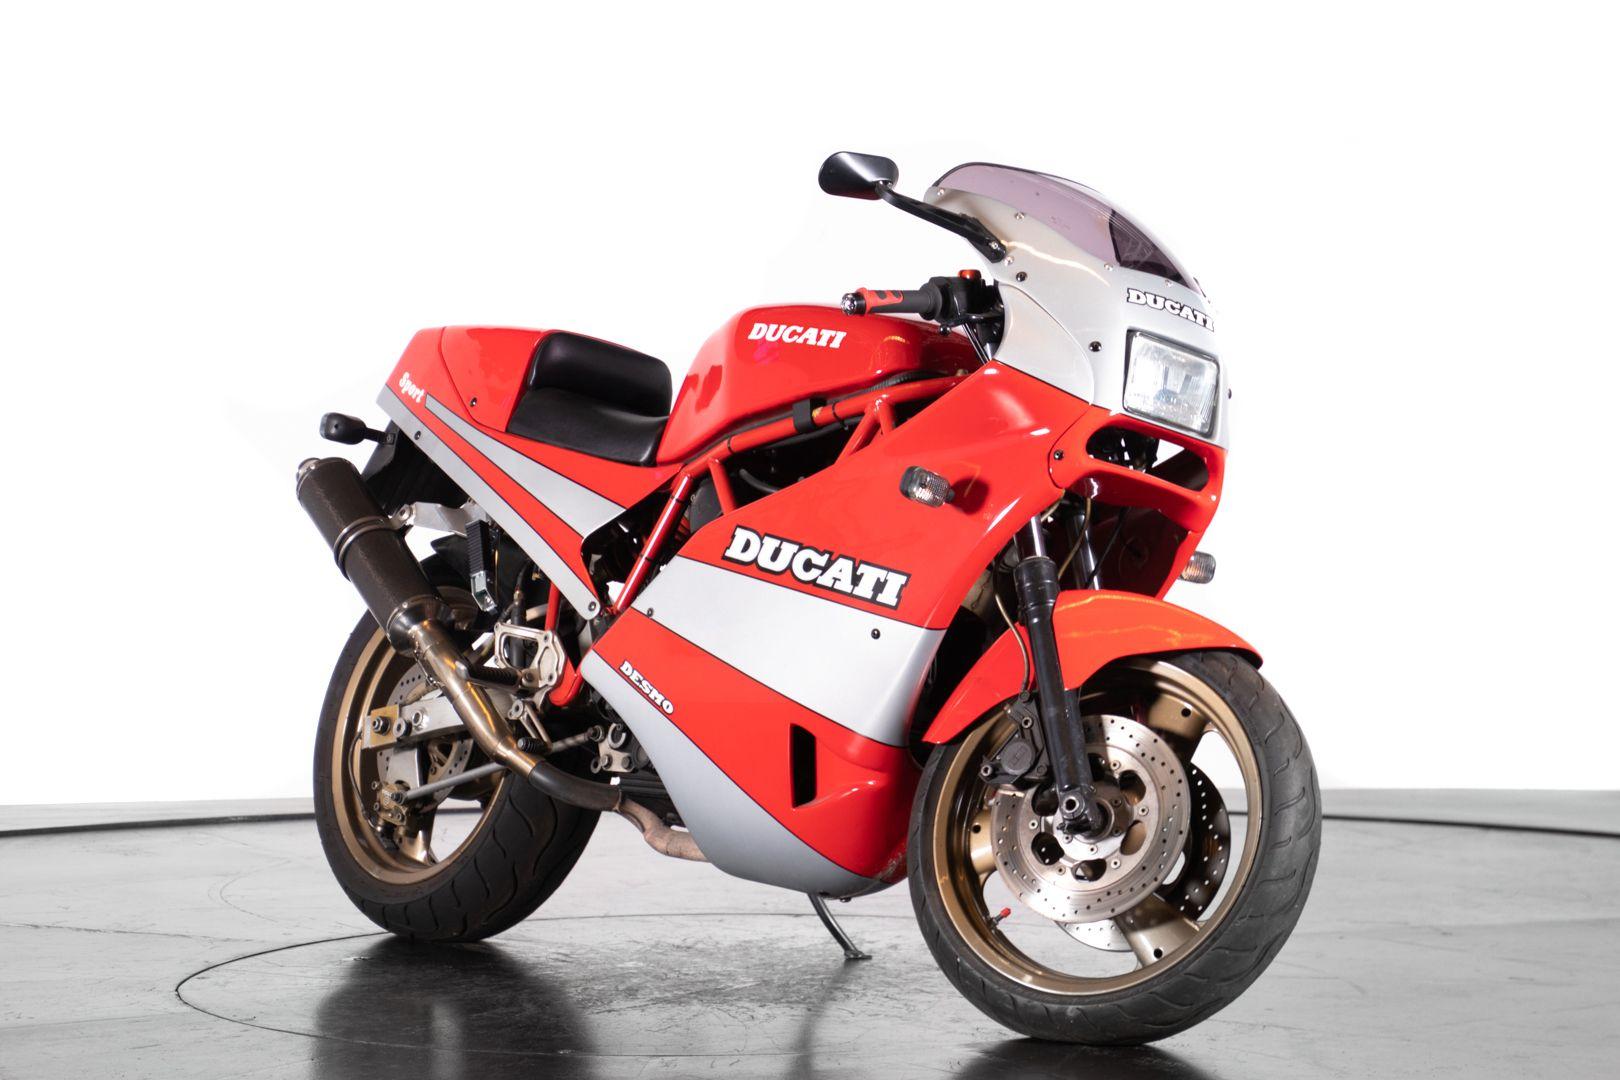 1989 Ducati 820 MAGNESIO PROTOTIPO 74622